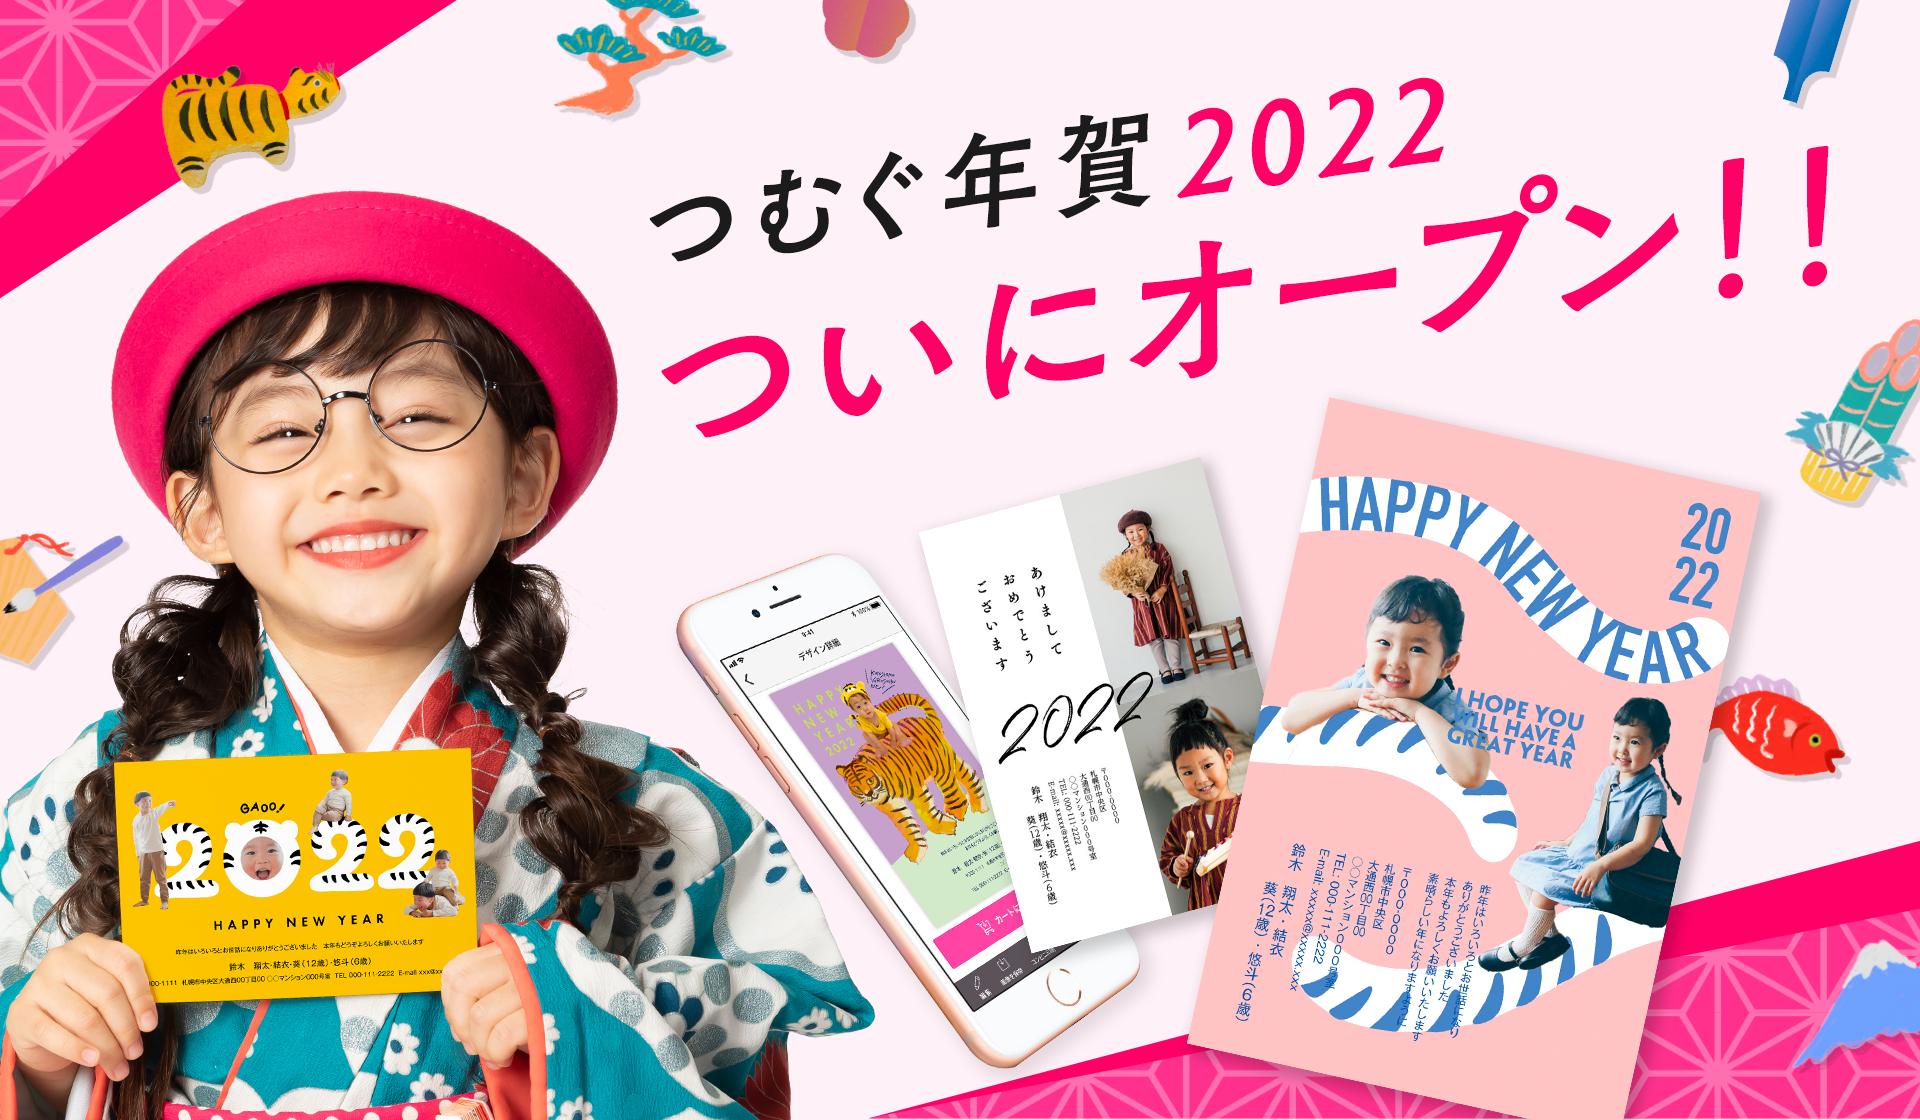 【つむぐ年賀】世界にひとつだけ、オリジナル年賀状作成アプリ「つむぐ年賀2022」オープン